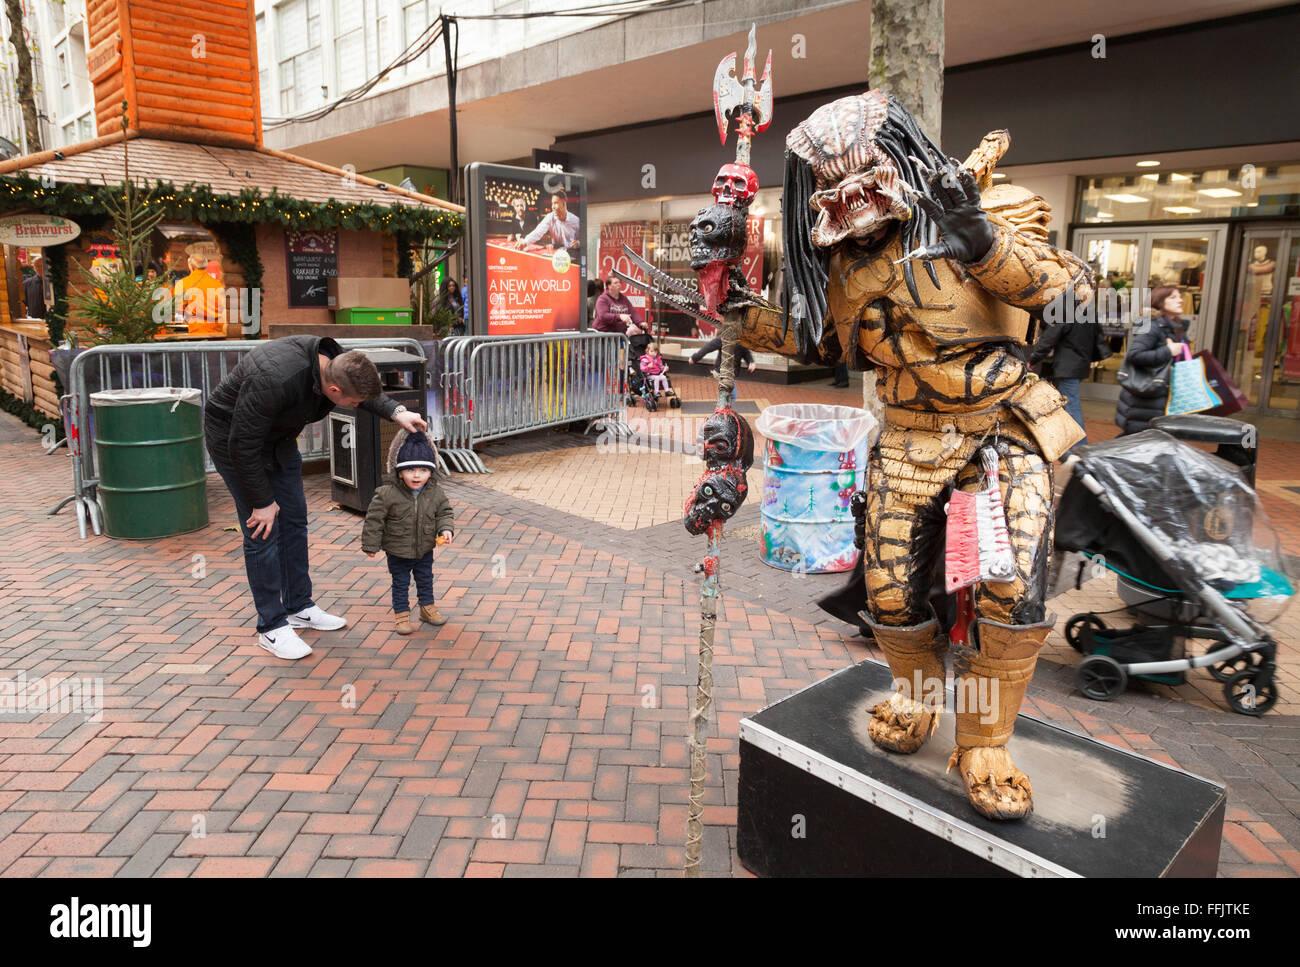 Ejecutante de la calle en un Predator alien traje, New Street, Birmingham, Reino Unido Imagen De Stock